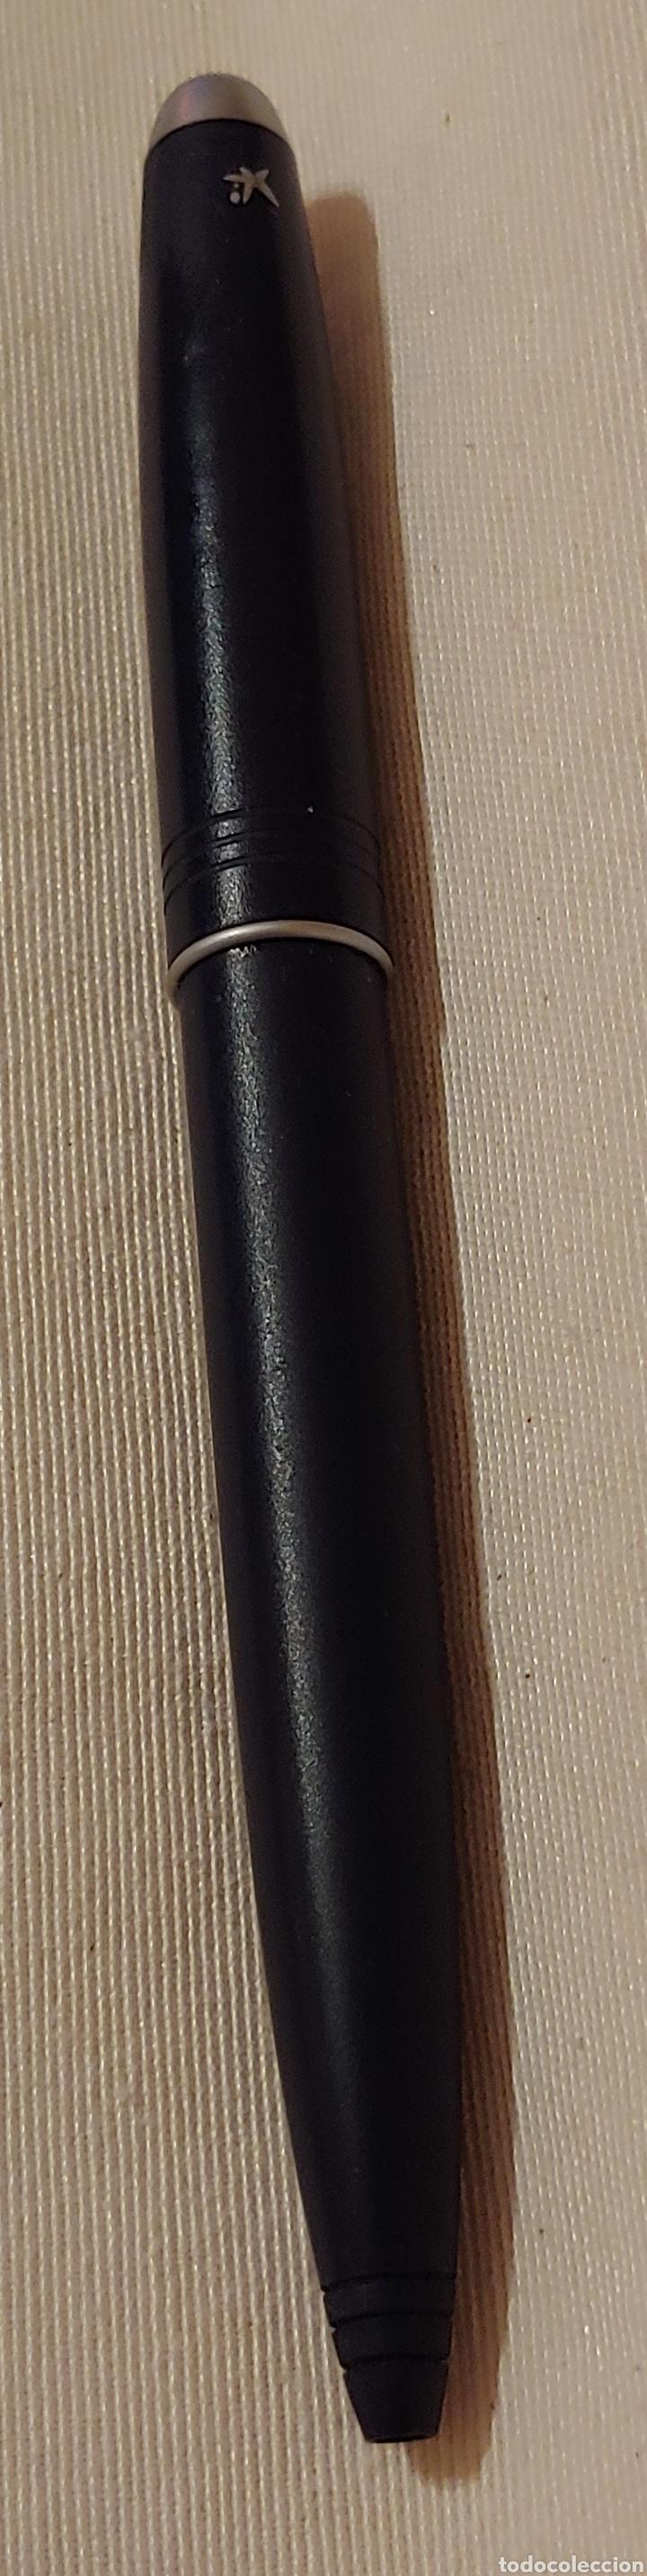 Bolígrafos antiguos: Antiguo bolígrafo La Caixa en color azul - Foto 3 - 177520653